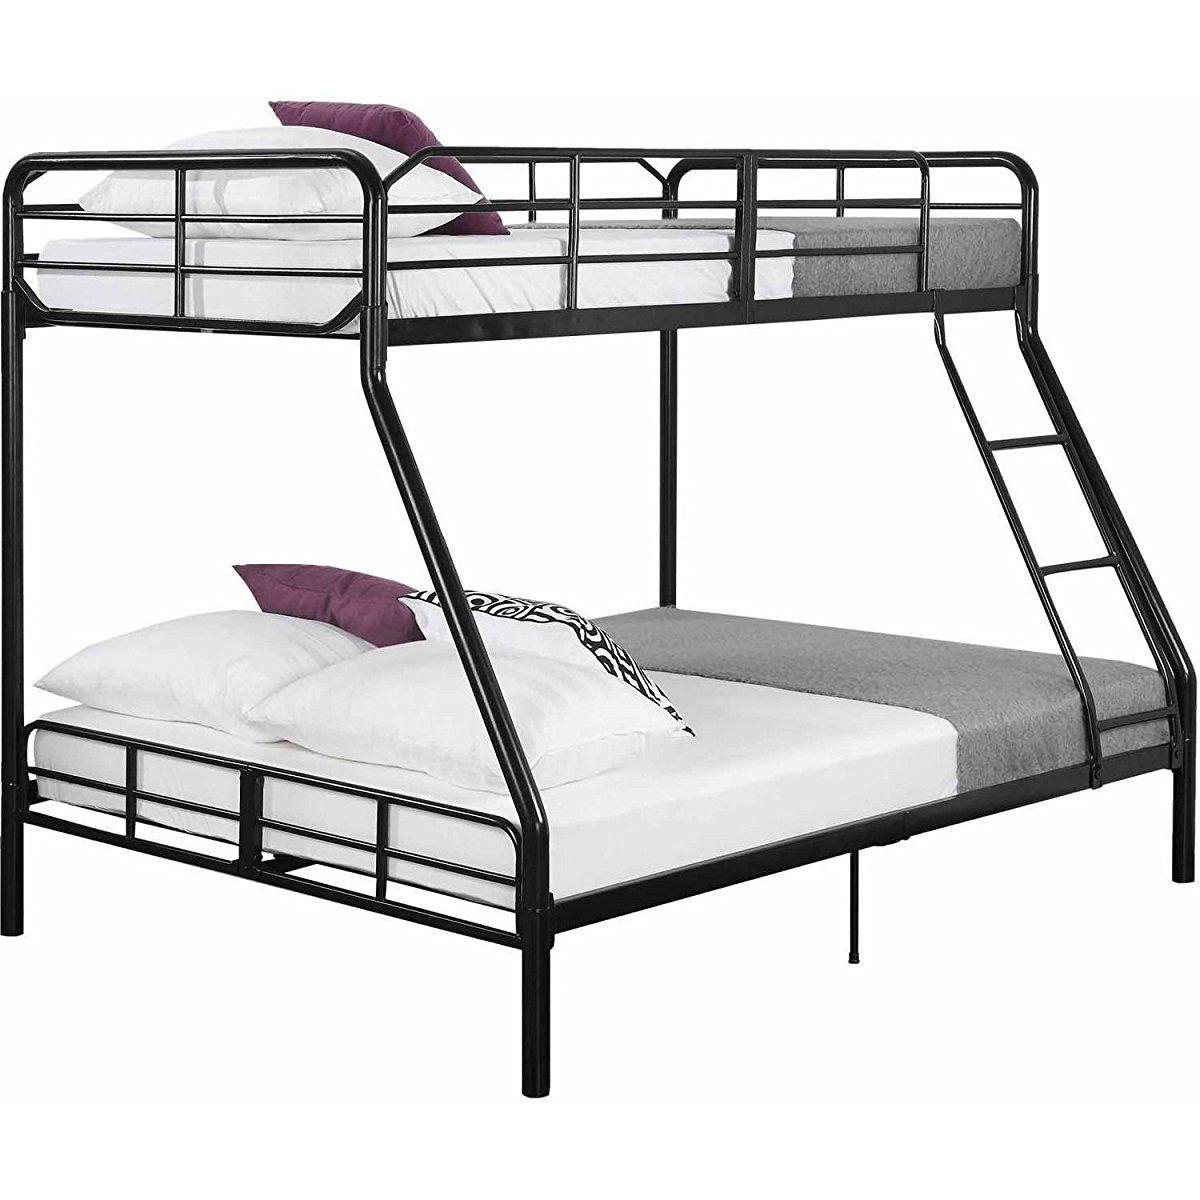 Twin Over Full Bunk Bed Kids Teens Bedroom Dorm Furniture Metal